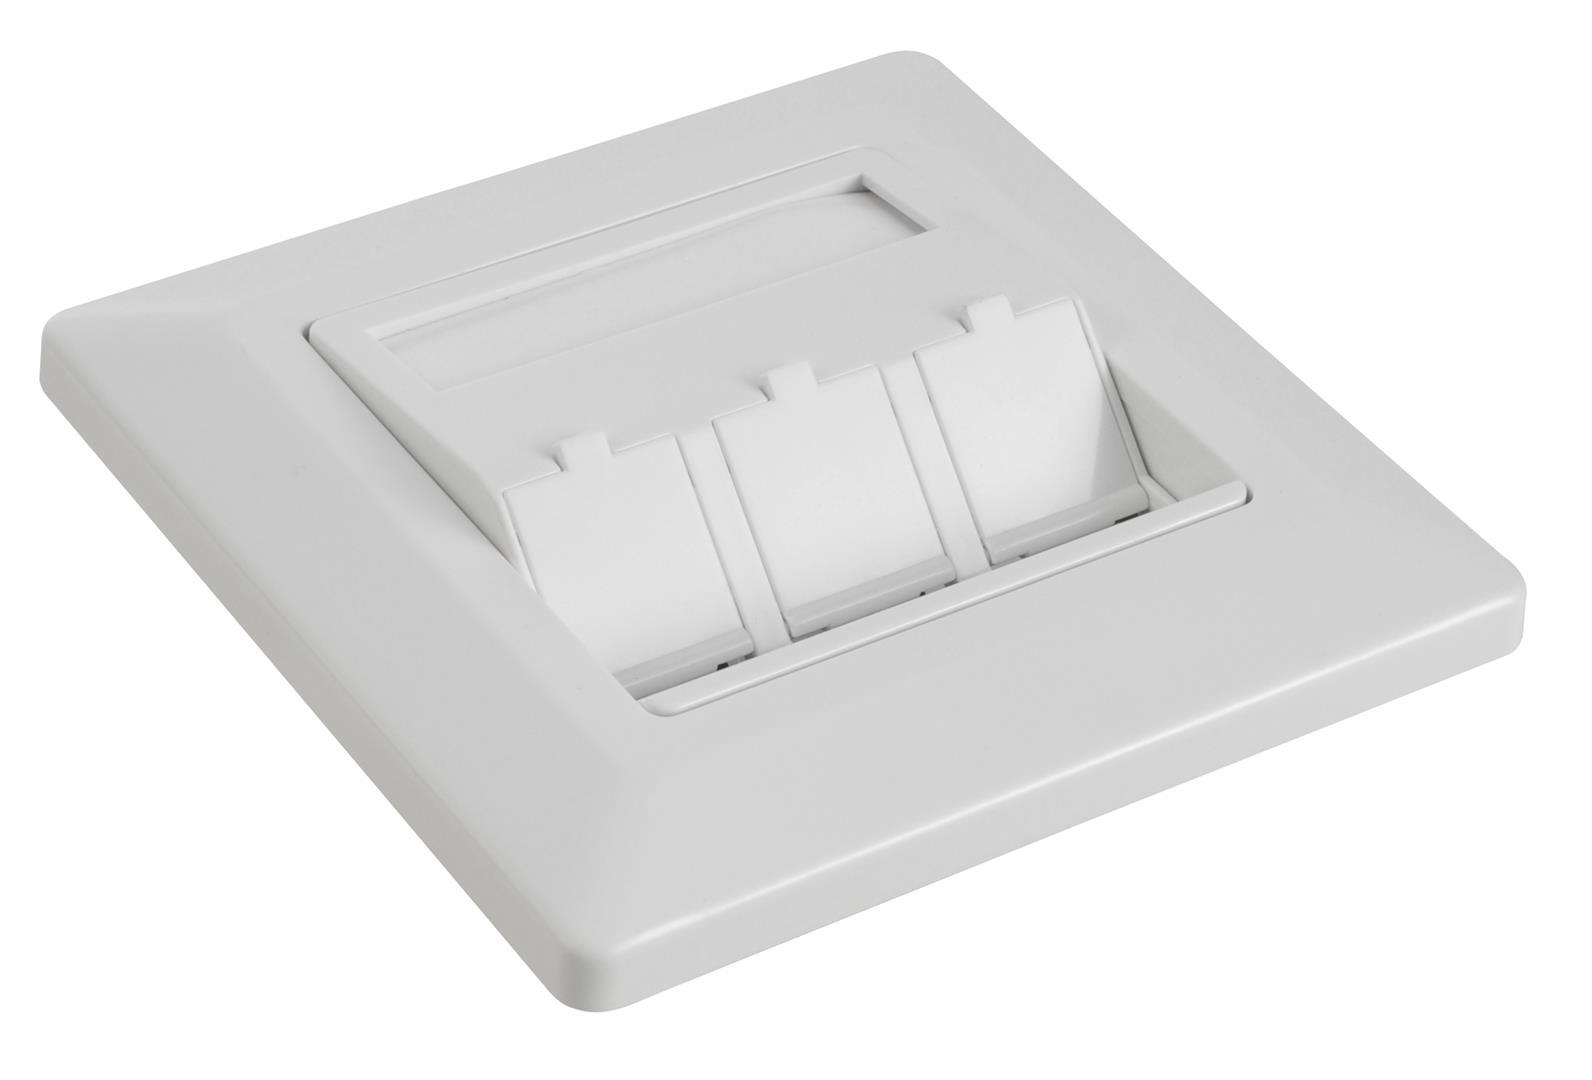 Zásuvka modulární Solarix pro 3 keystony